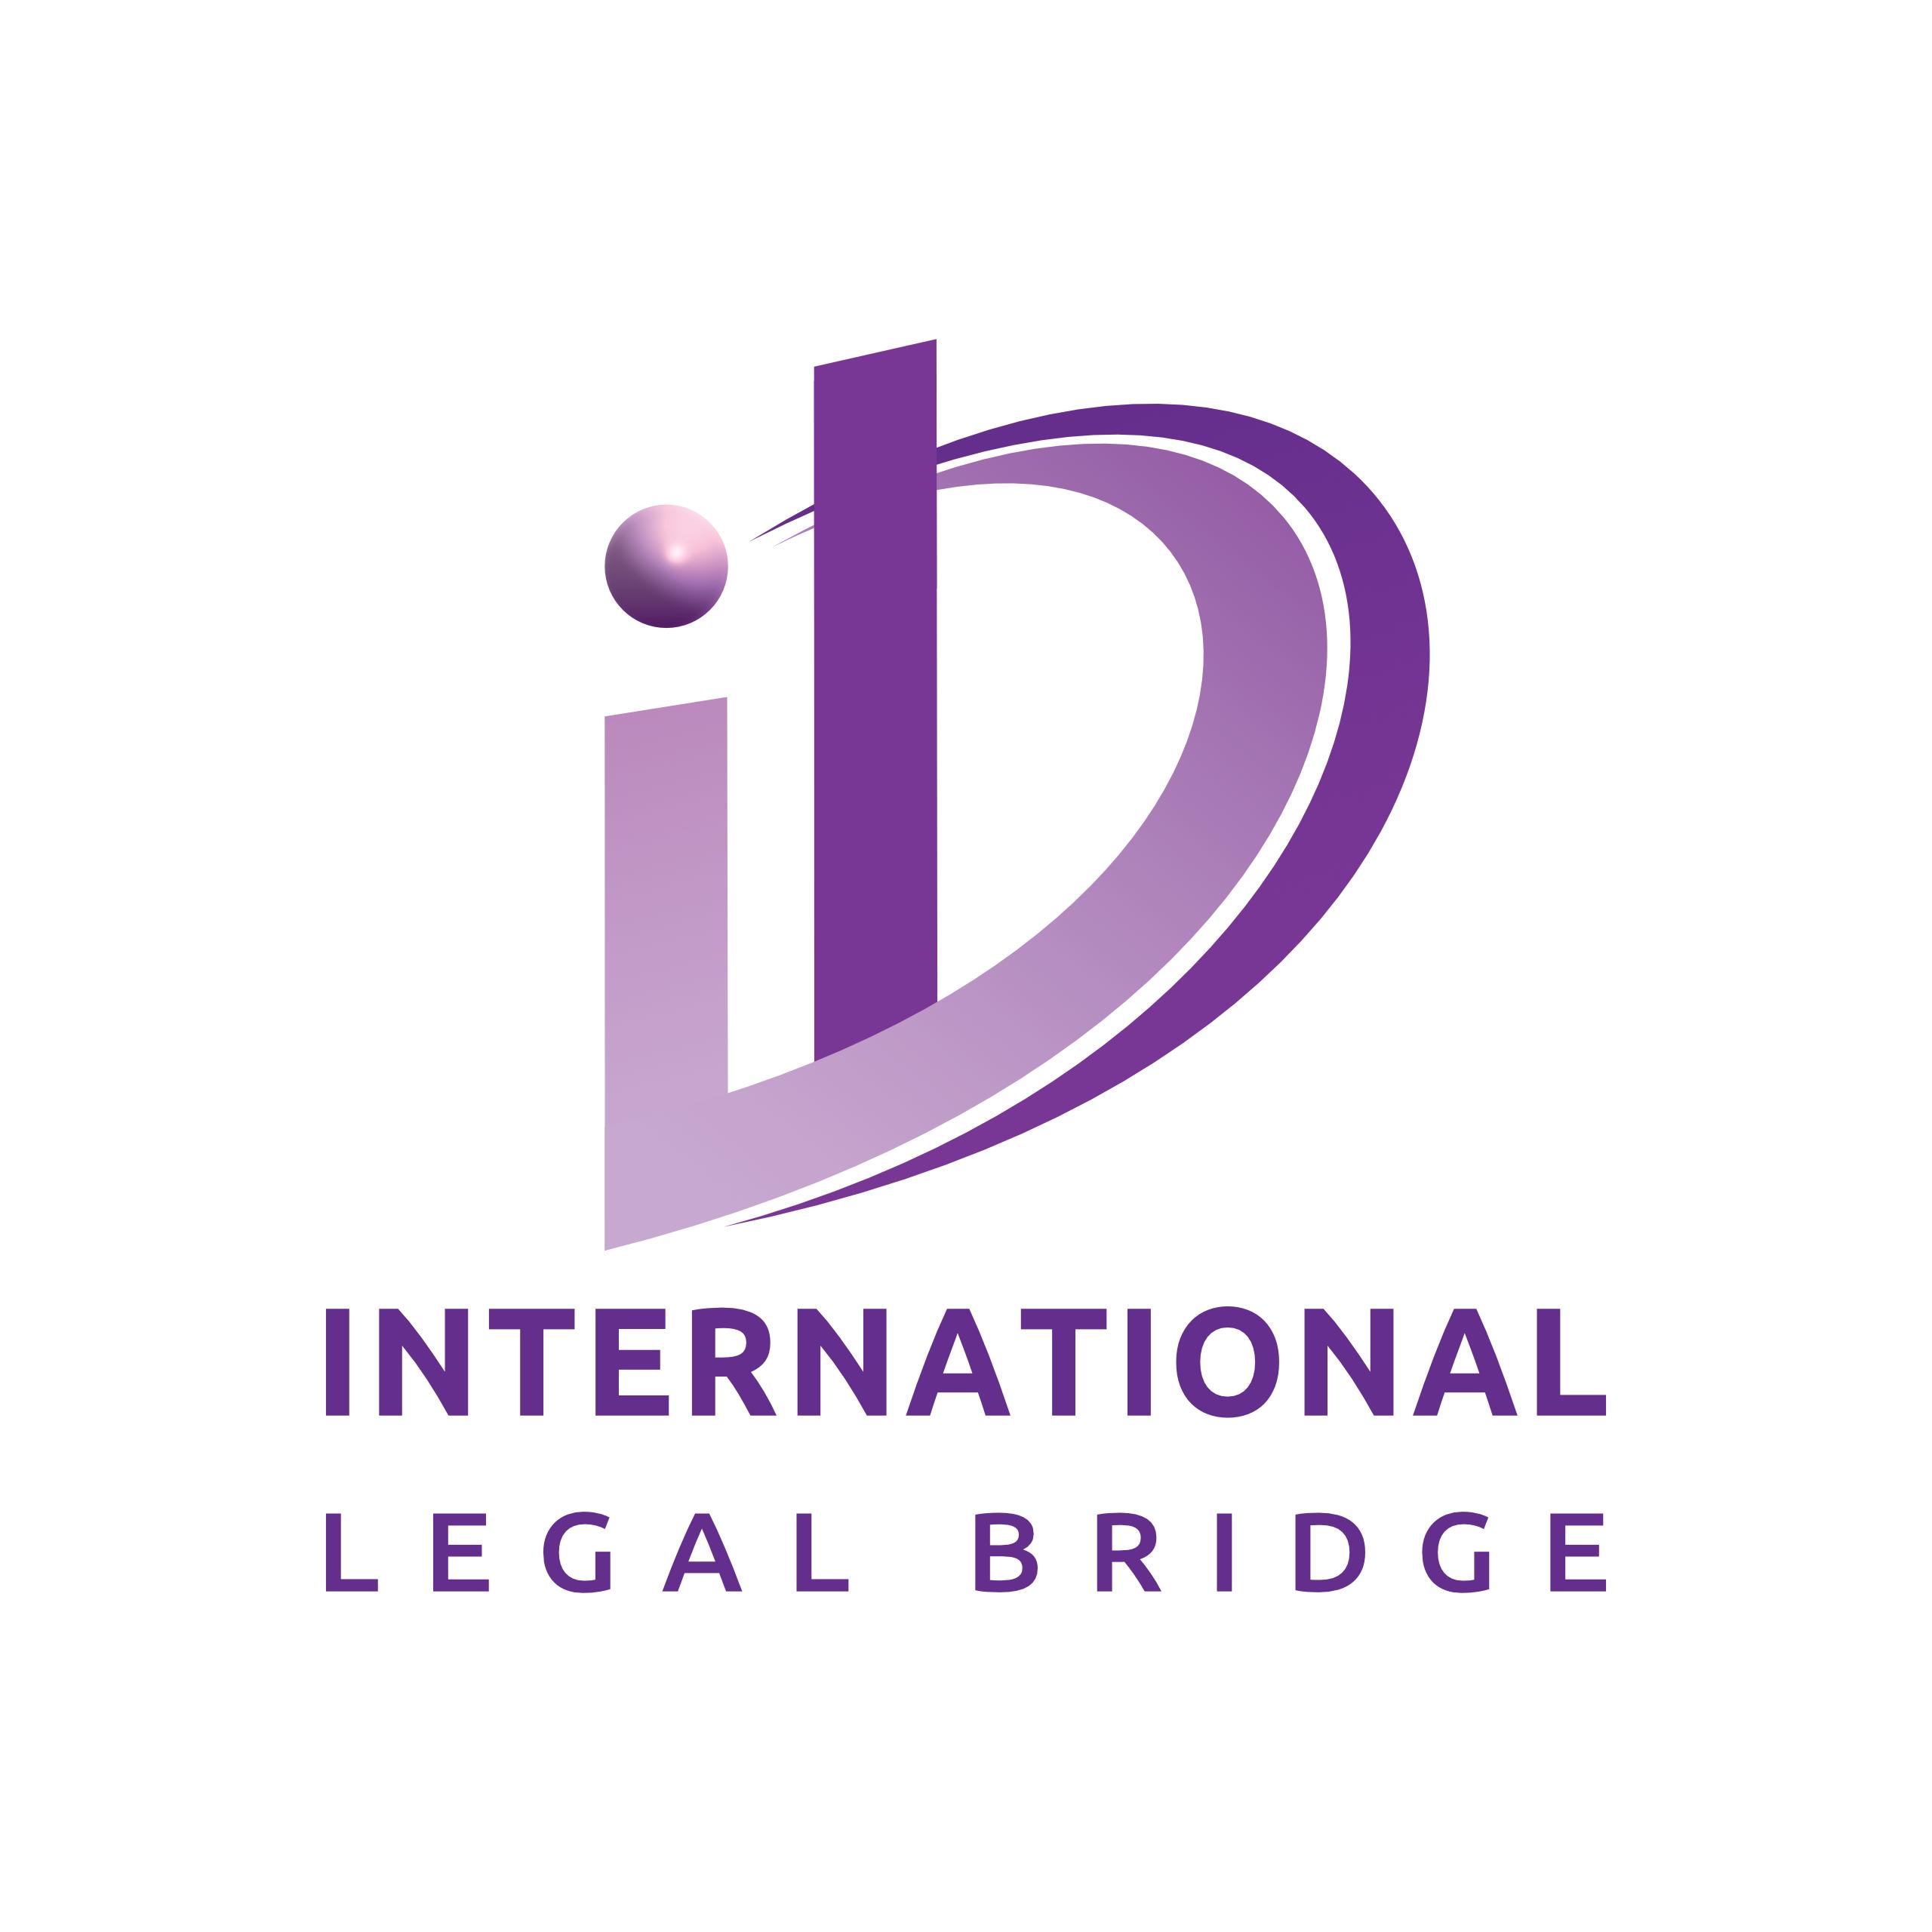 <b> Интеллектуальная собственность, торговые знаки, <br> международные холдинги </b>